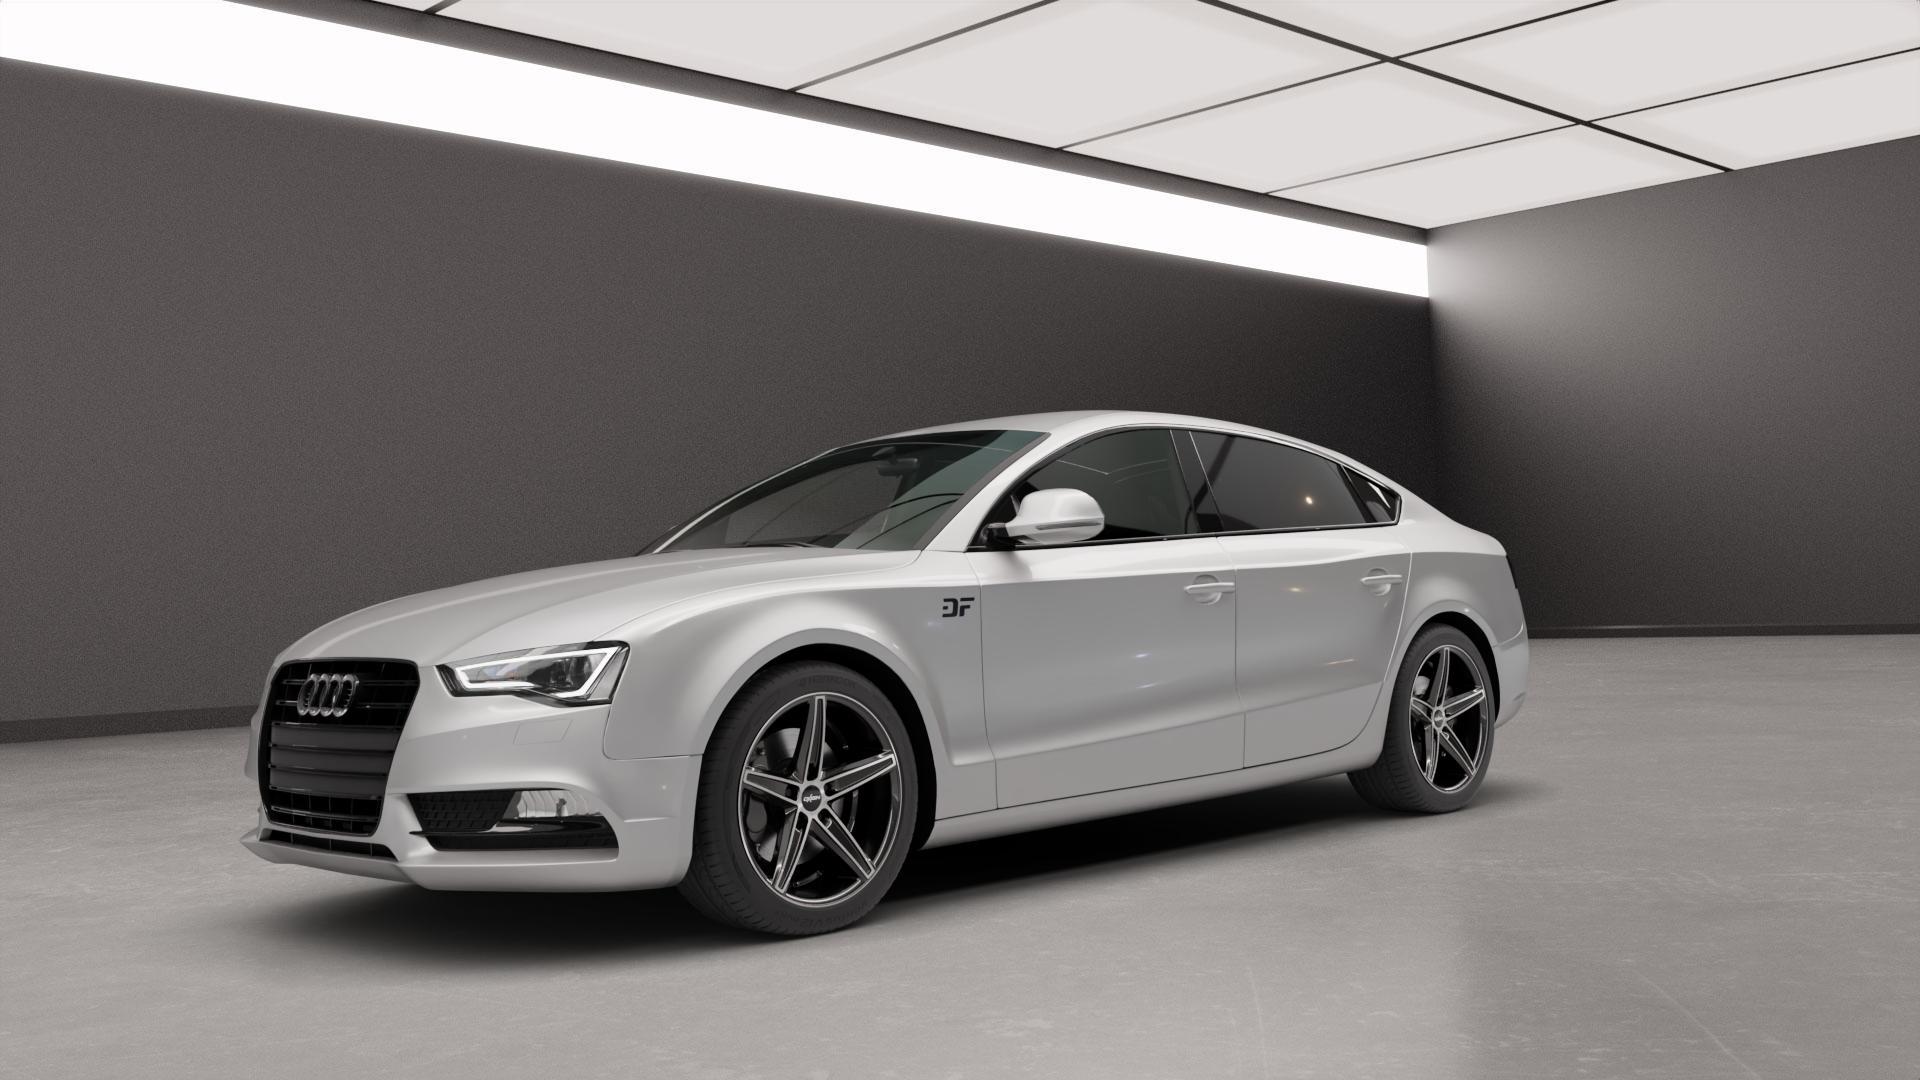 OXIGIN 18 Concave black full polish Felge mit Reifen silber schwarz mehrfarbig in 18Zoll Alufelge auf silbernem Audi A5 Typ B8 (Sportback) Facelift ⬇️ mit 15mm Tieferlegung ⬇️ Neutral_mid_max5300mm Frontansicht_1